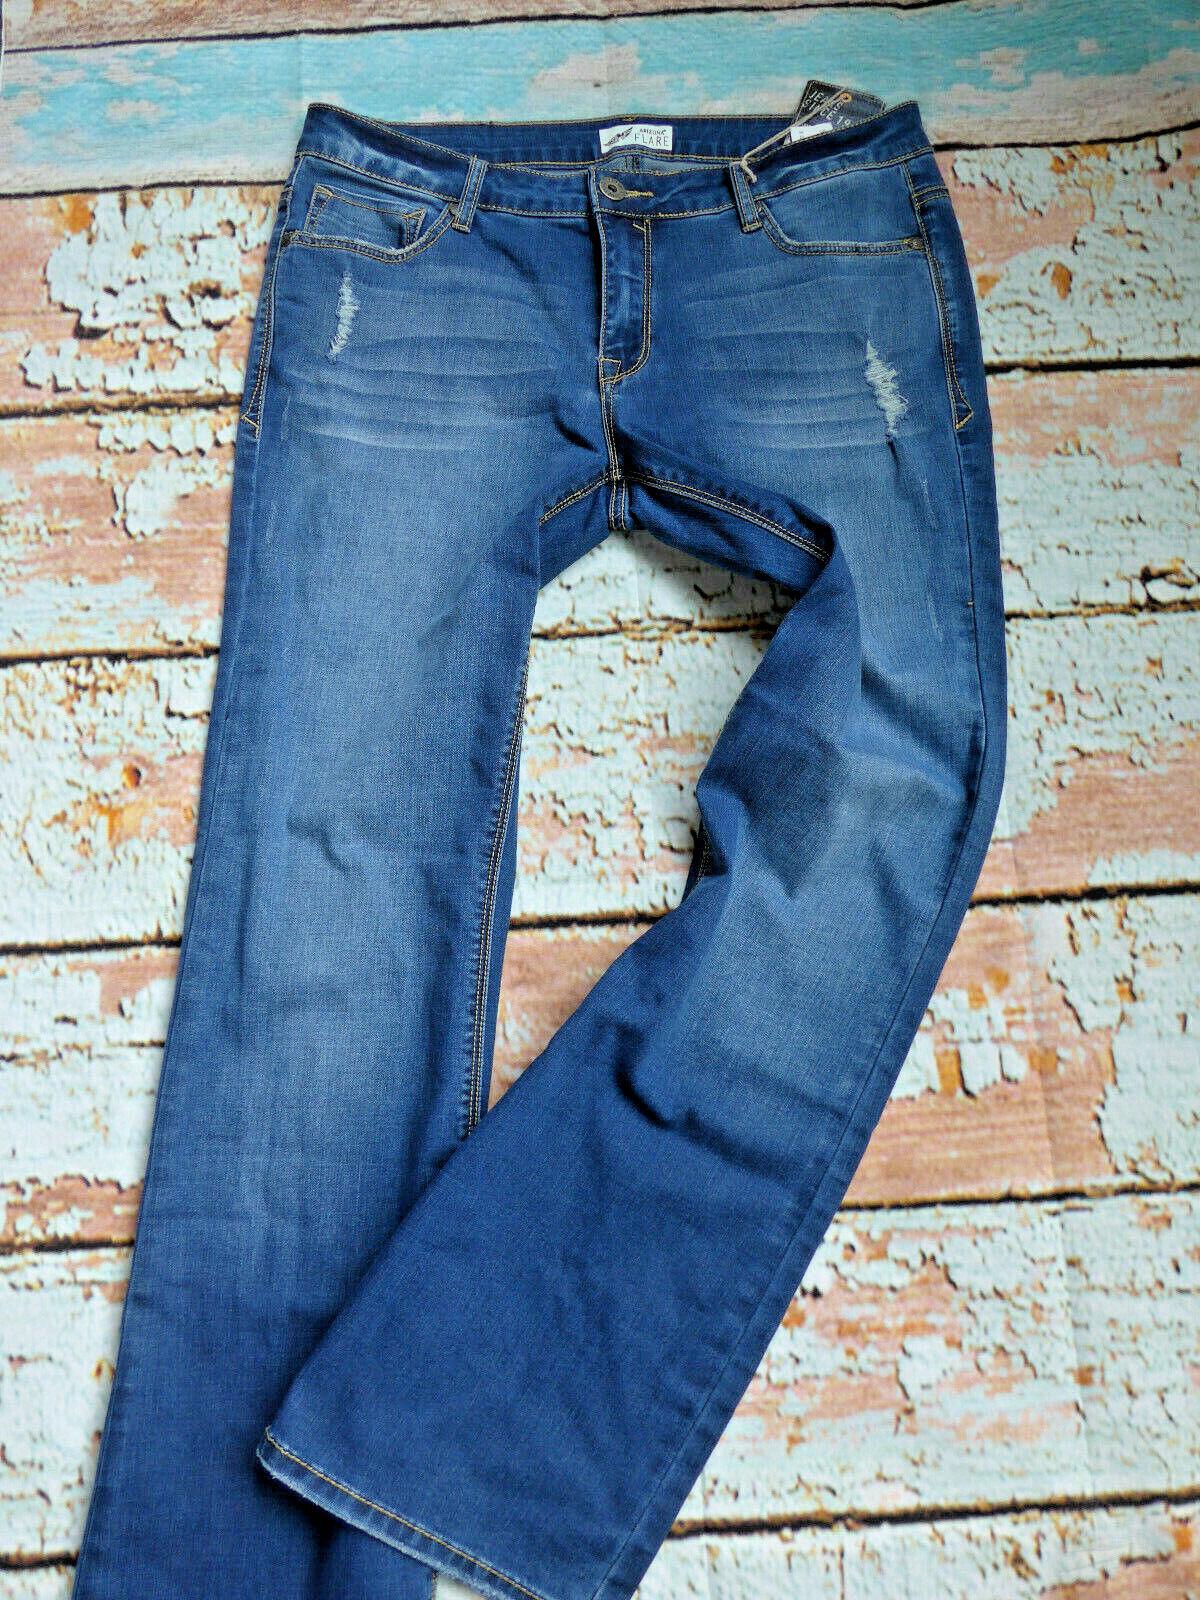 Arizona Damen Jeans Hose blau blue Aufrauungen (209) Übergröße NEU